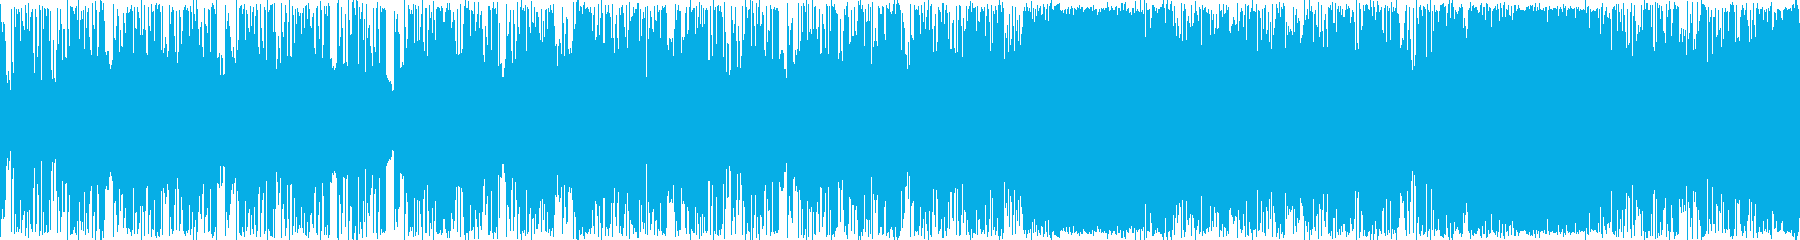 シンセサイザーによる近未来的なBGMですの再生済みの波形